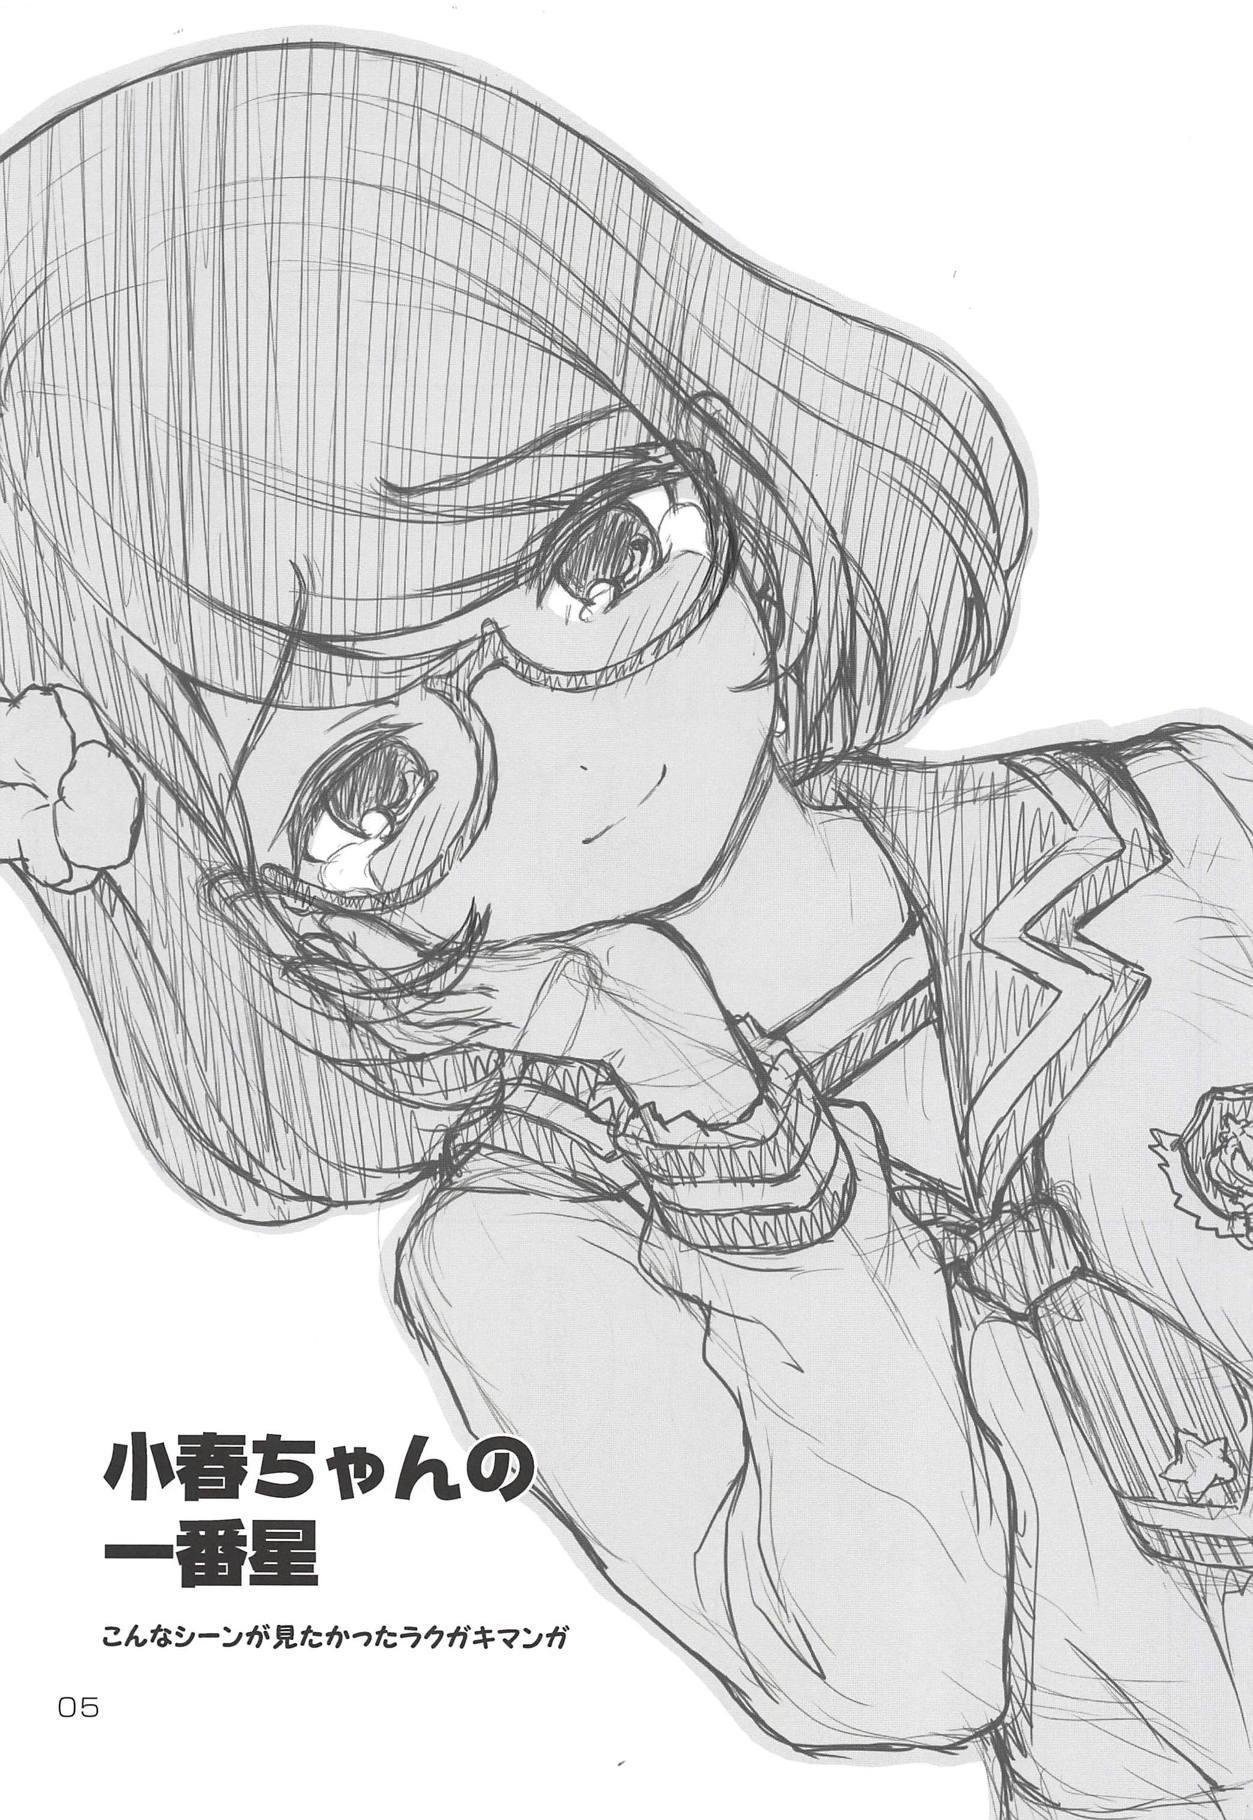 Matokatsu! 3